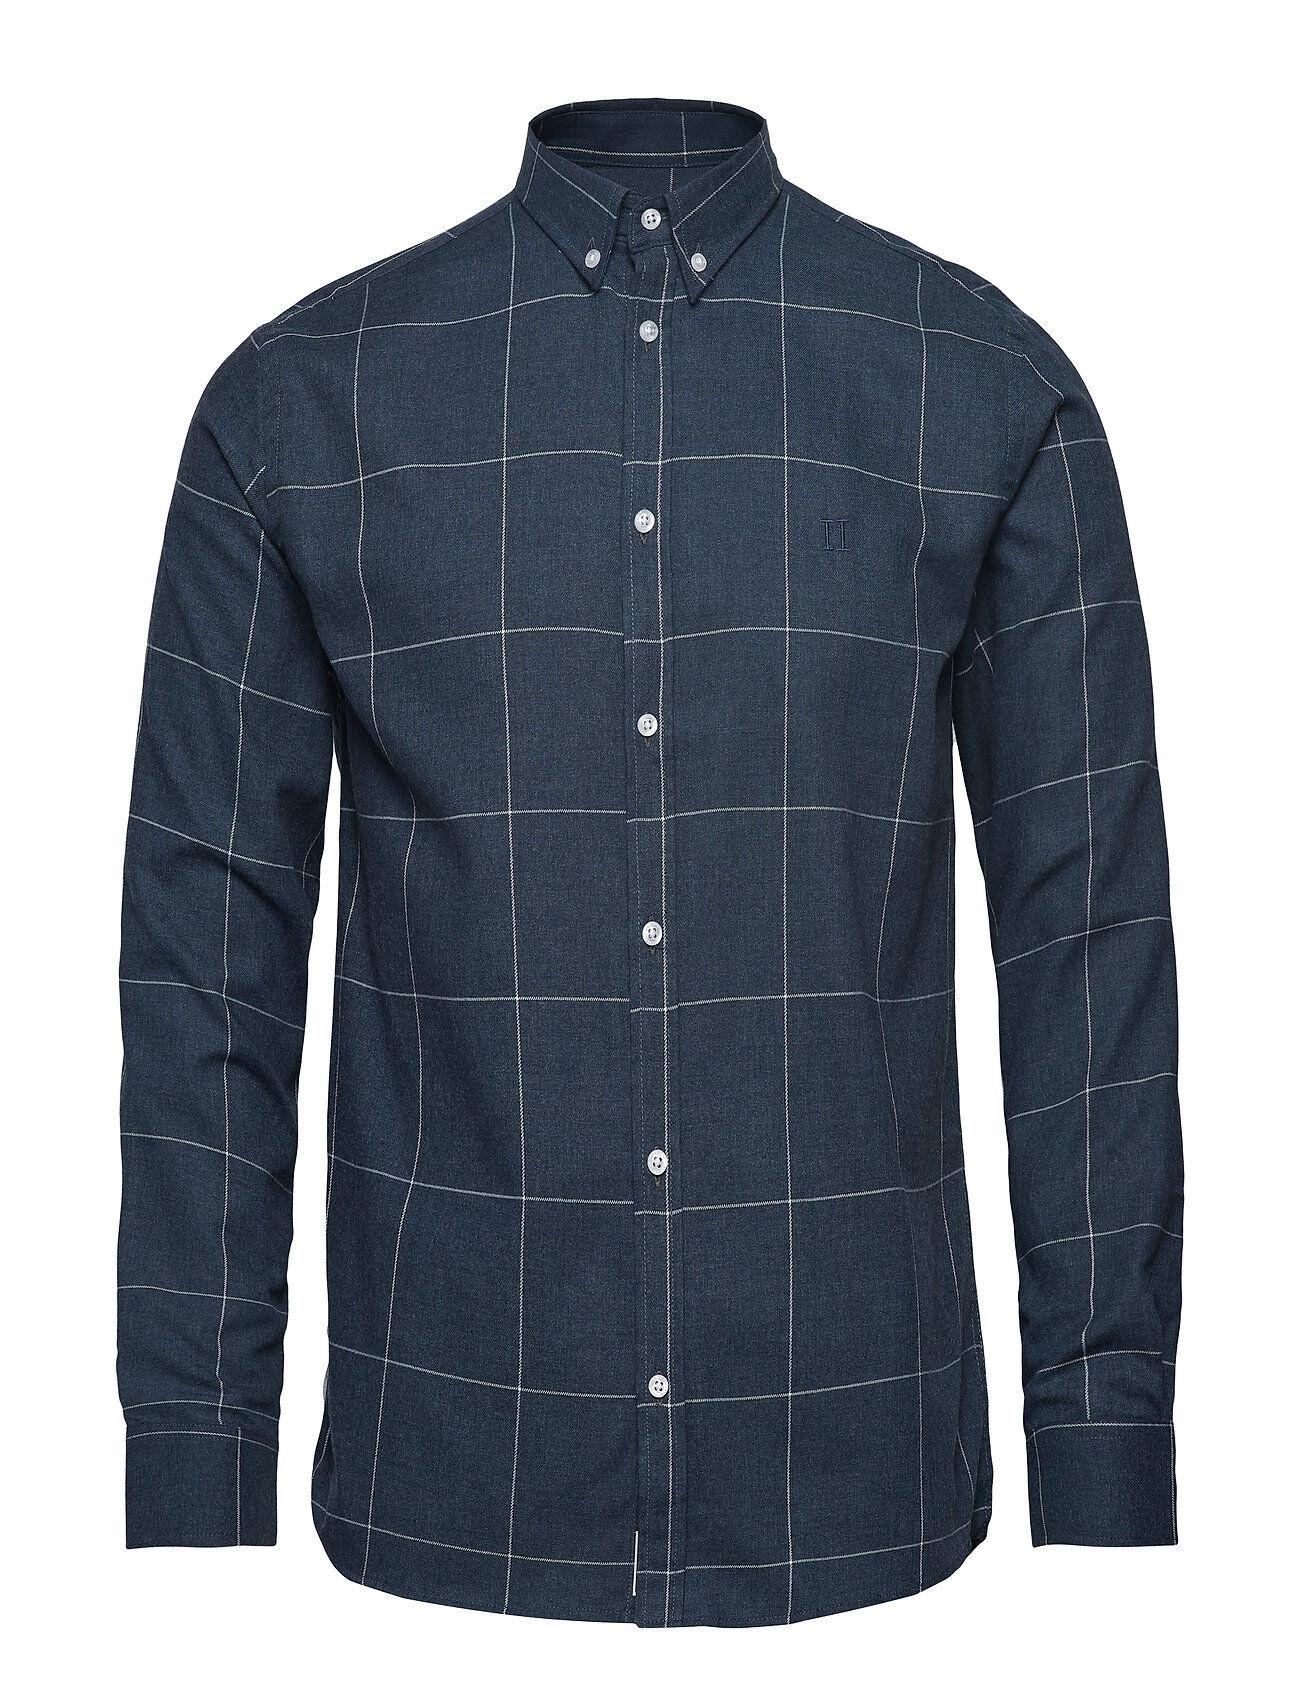 Les Deux Camus Check Shirt